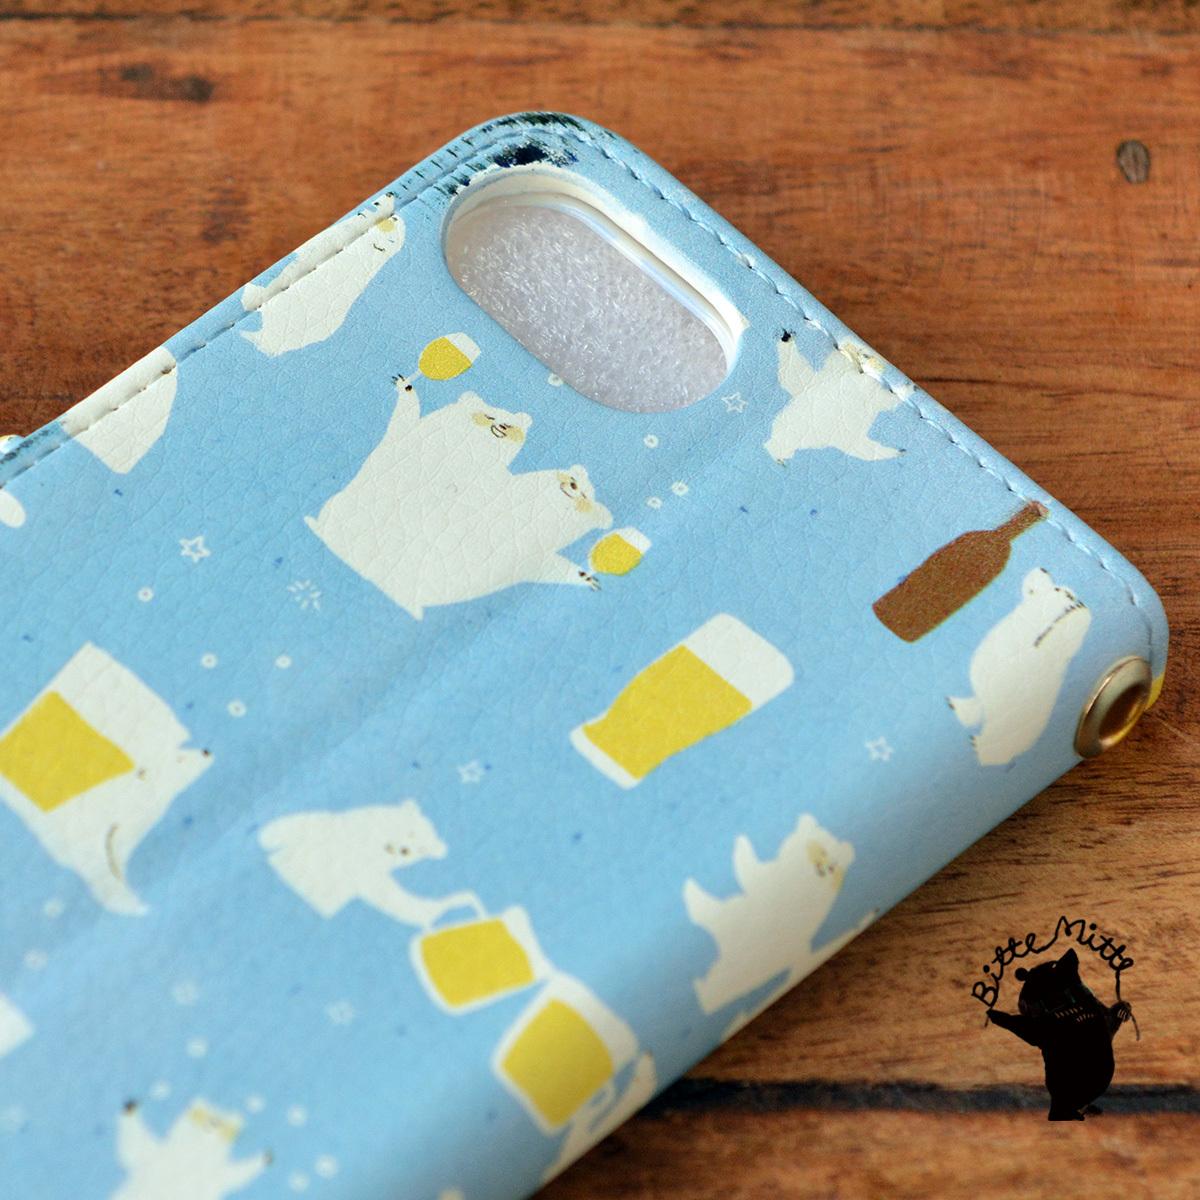 【訳あり】アイフォン6s ケース 手帳型 かわいい iphone6s ケース 手帳 大人かわいい iphone6s ケース 手帳 シンプル かわいい シロクマとビール/Bitte Mitte!【bm-iph6t-10089-B1】